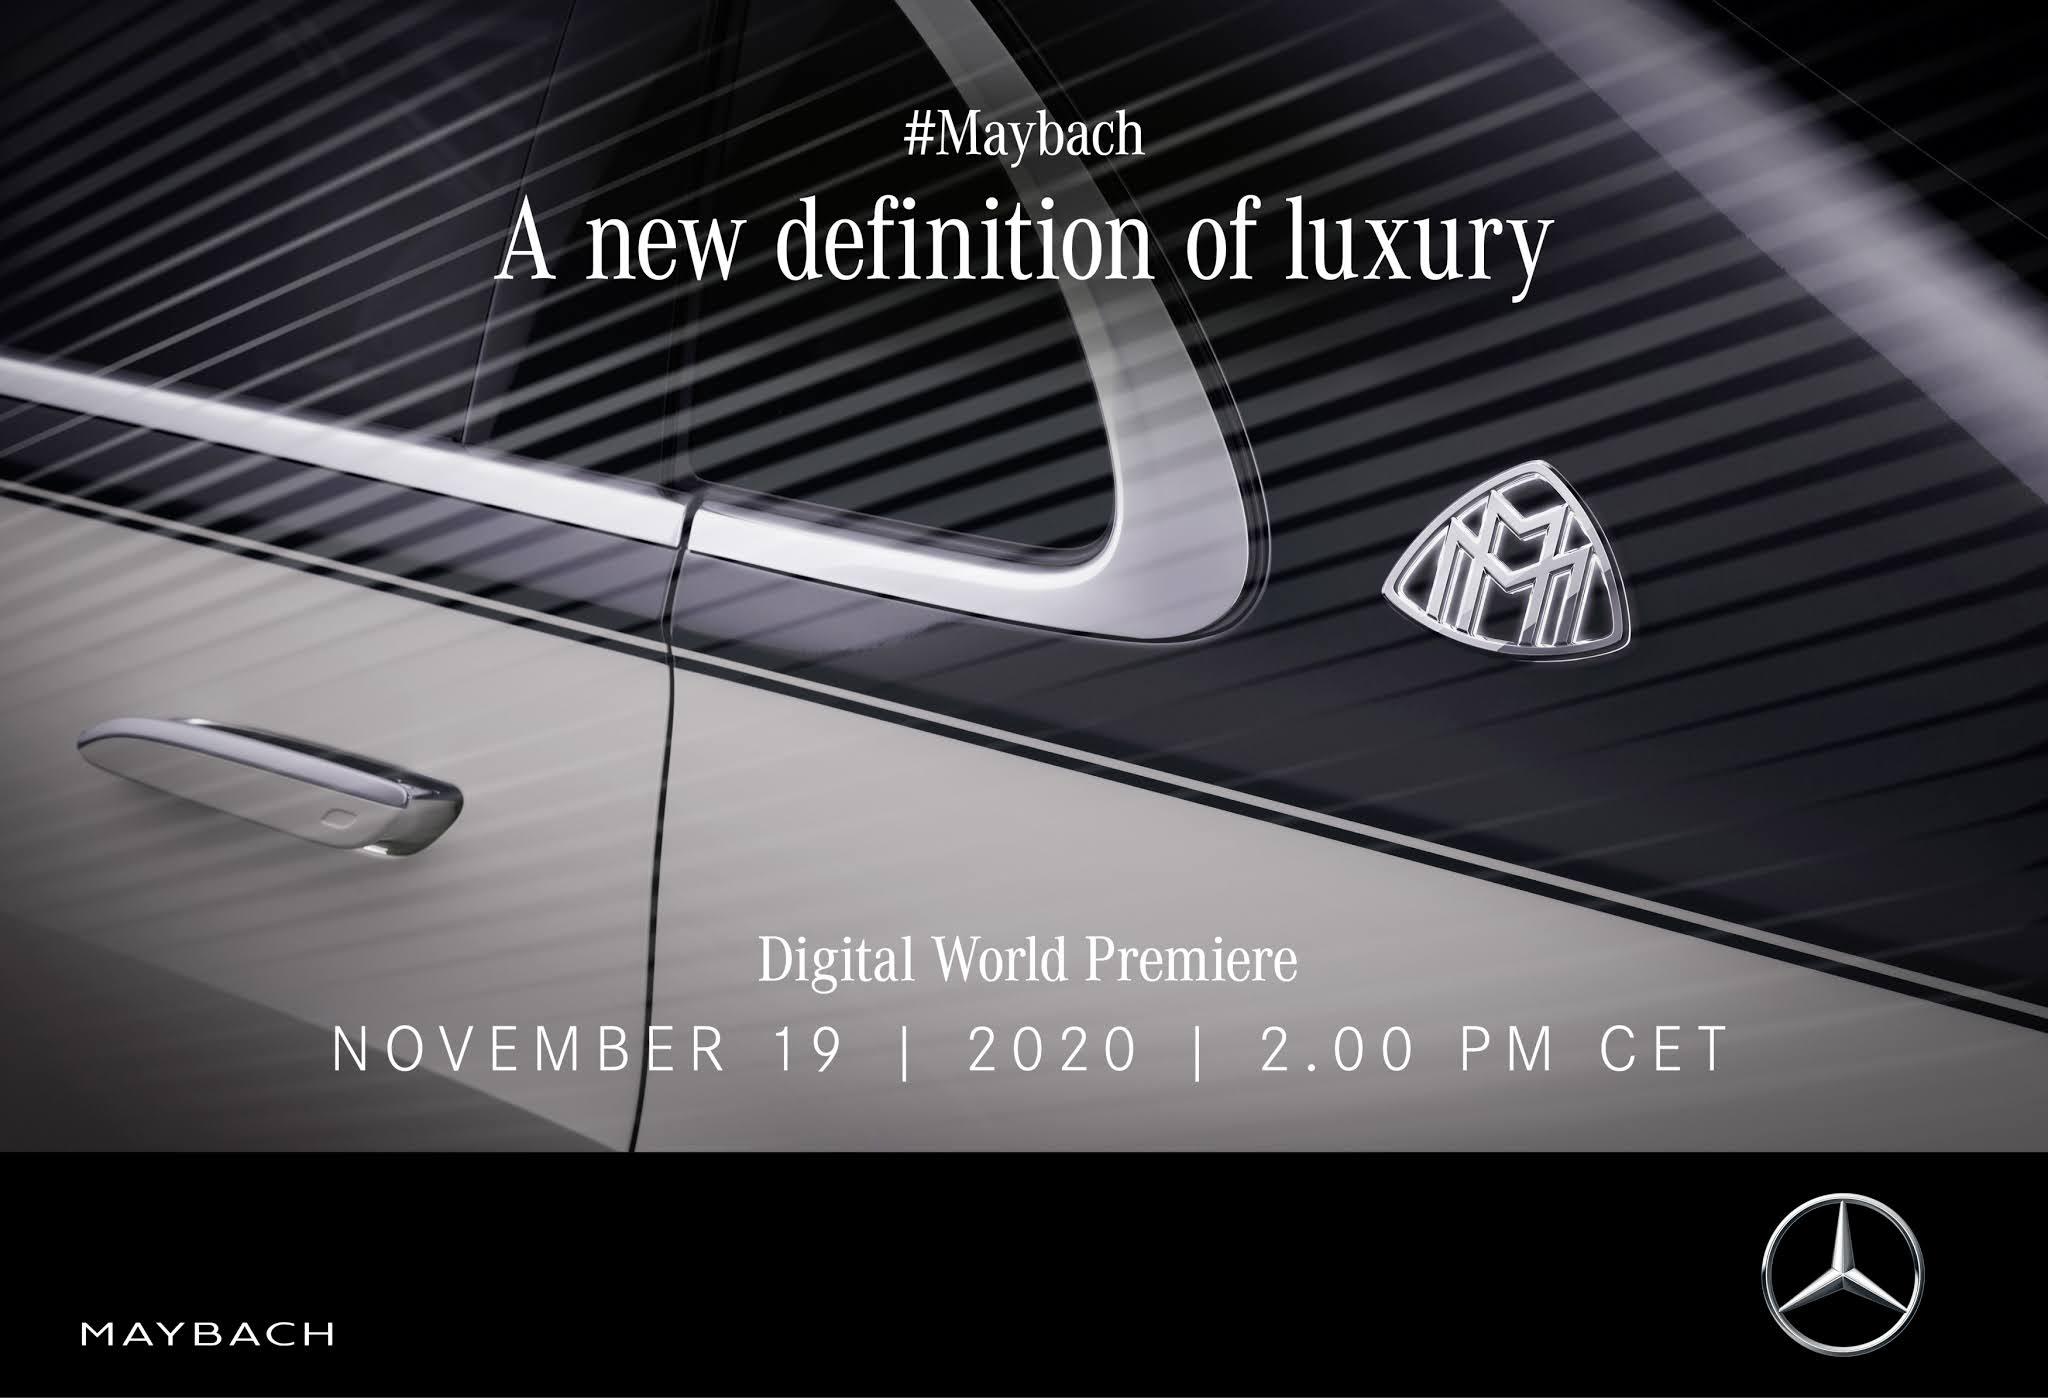 El Mercedes Maybach Clase S celebrará su estreno mundial digital el 19 de noviembre